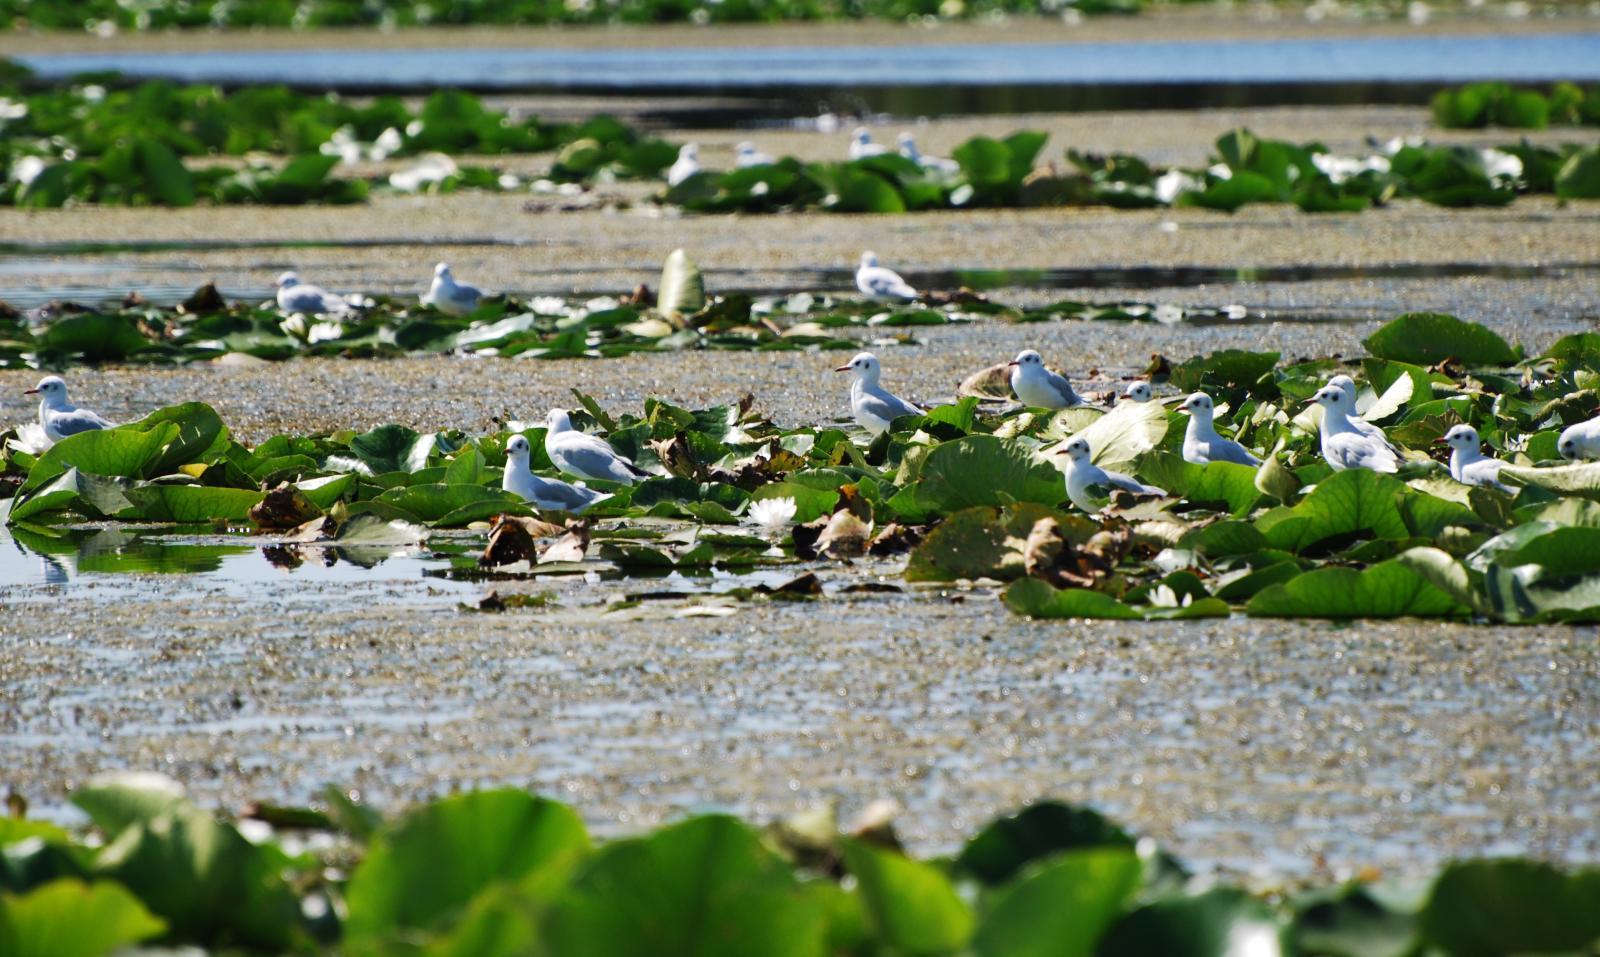 pescuit la stiuca pe lacul merhei in delta